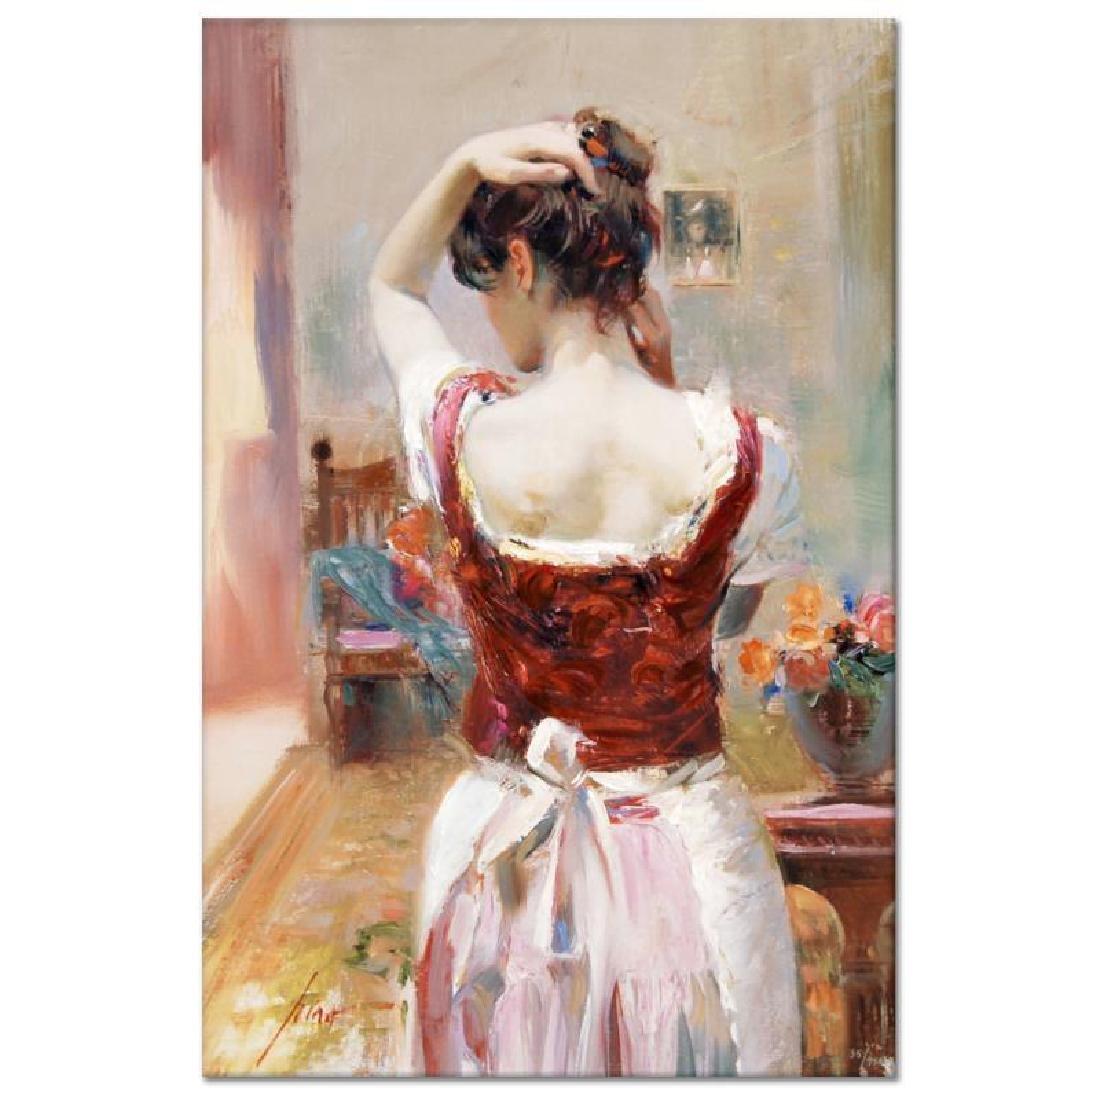 Isabella by Pino (1939-2010)